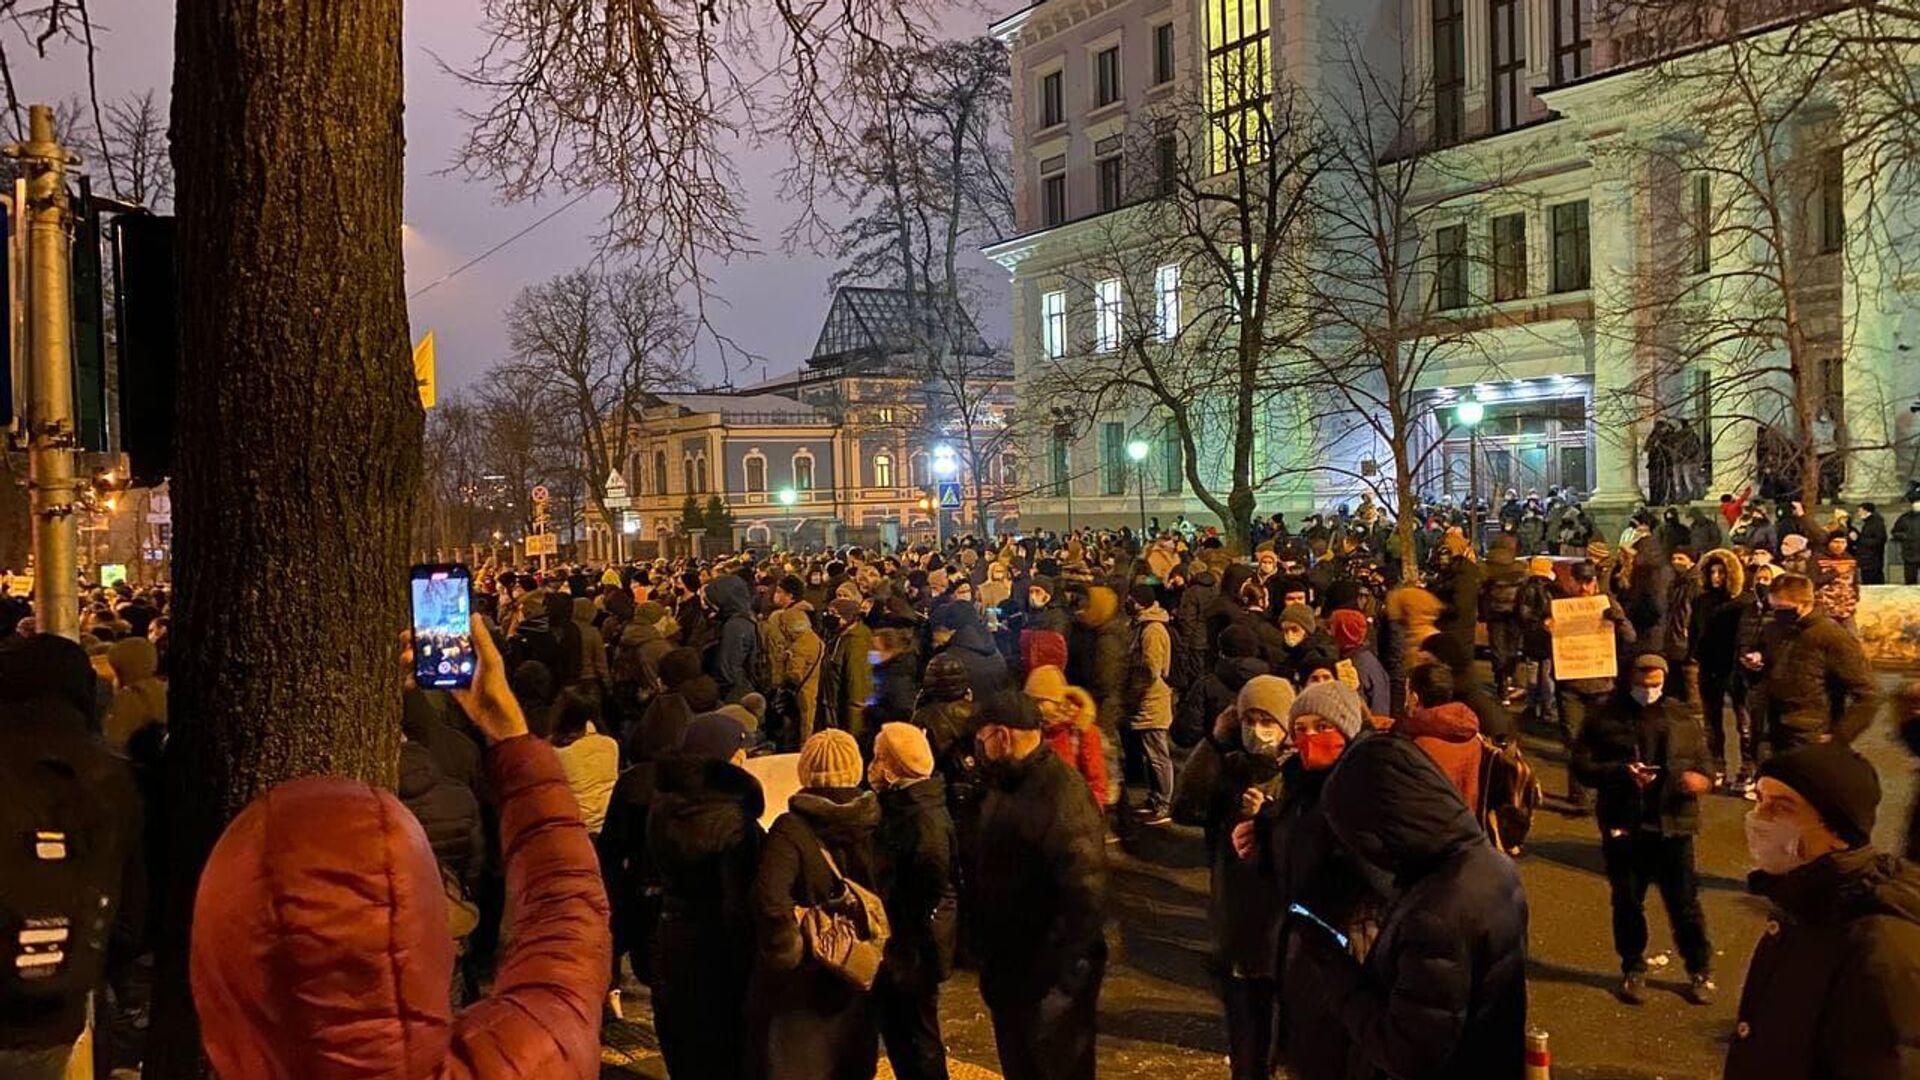 Протестующие радикалы около офиса Зеленского в Киеве - РИА Новости, 1920, 24.02.2021